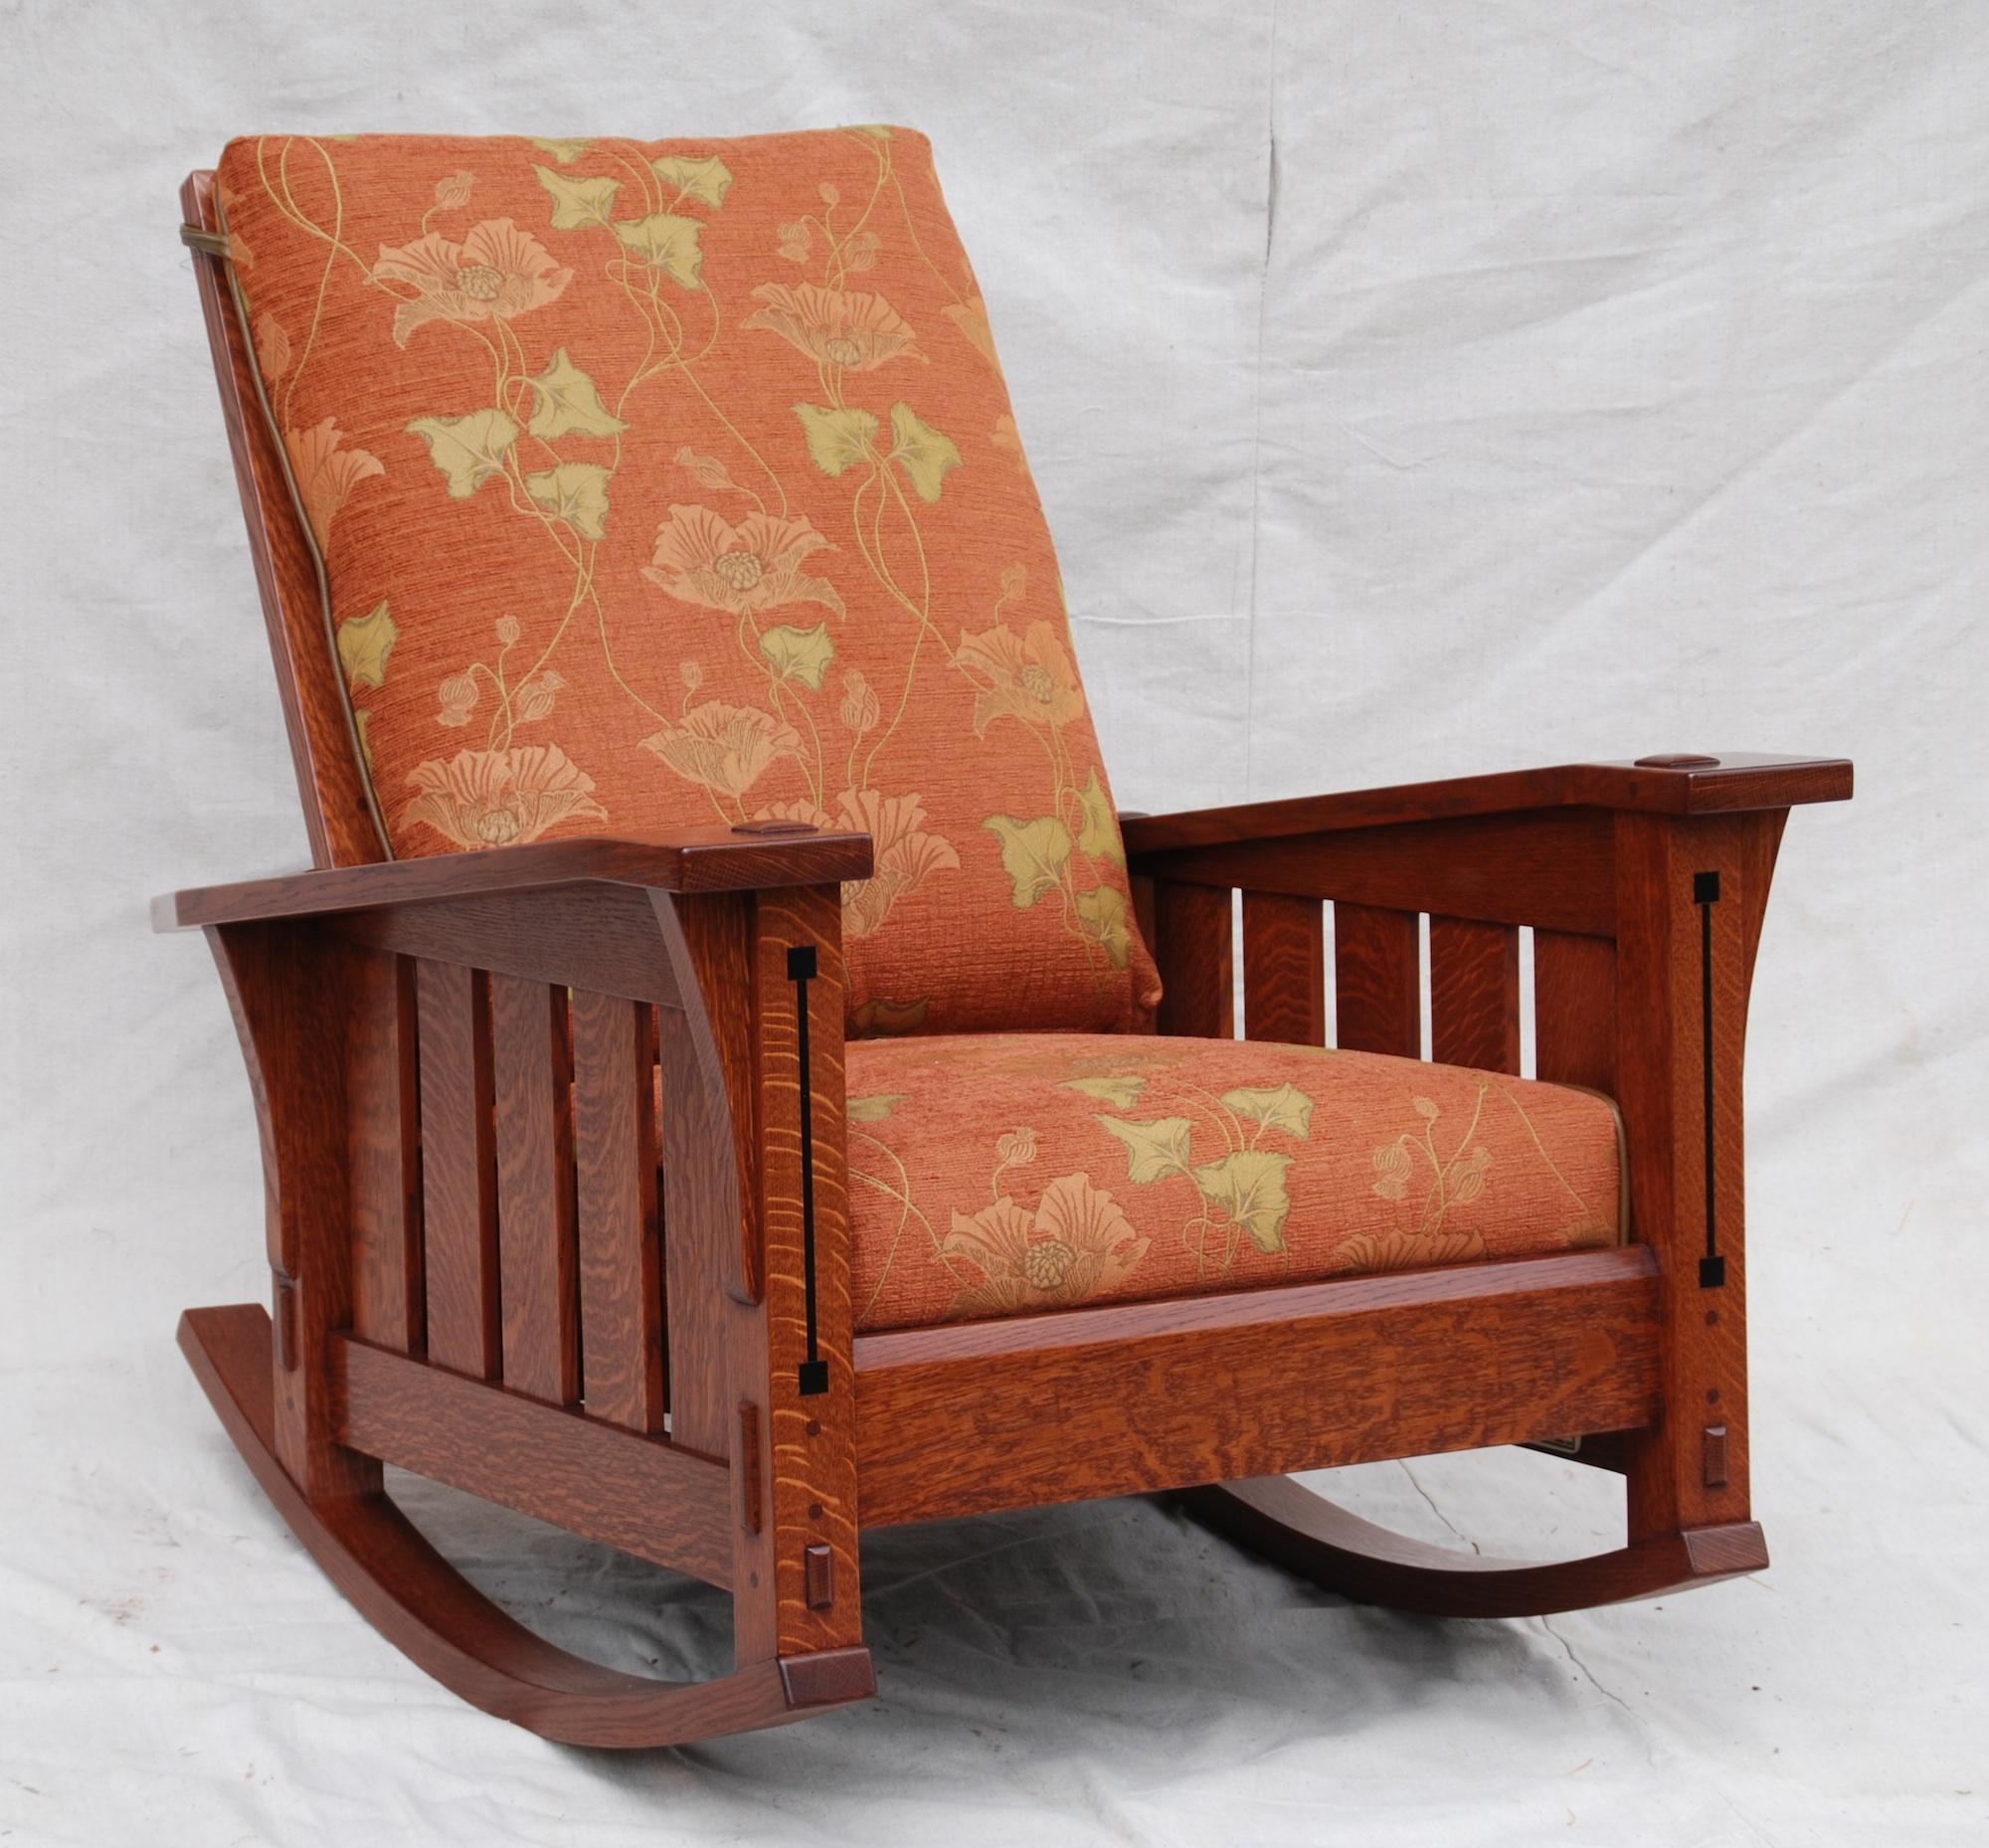 Voorhees craftsman mission oak furniture slant arm for Mission furniture